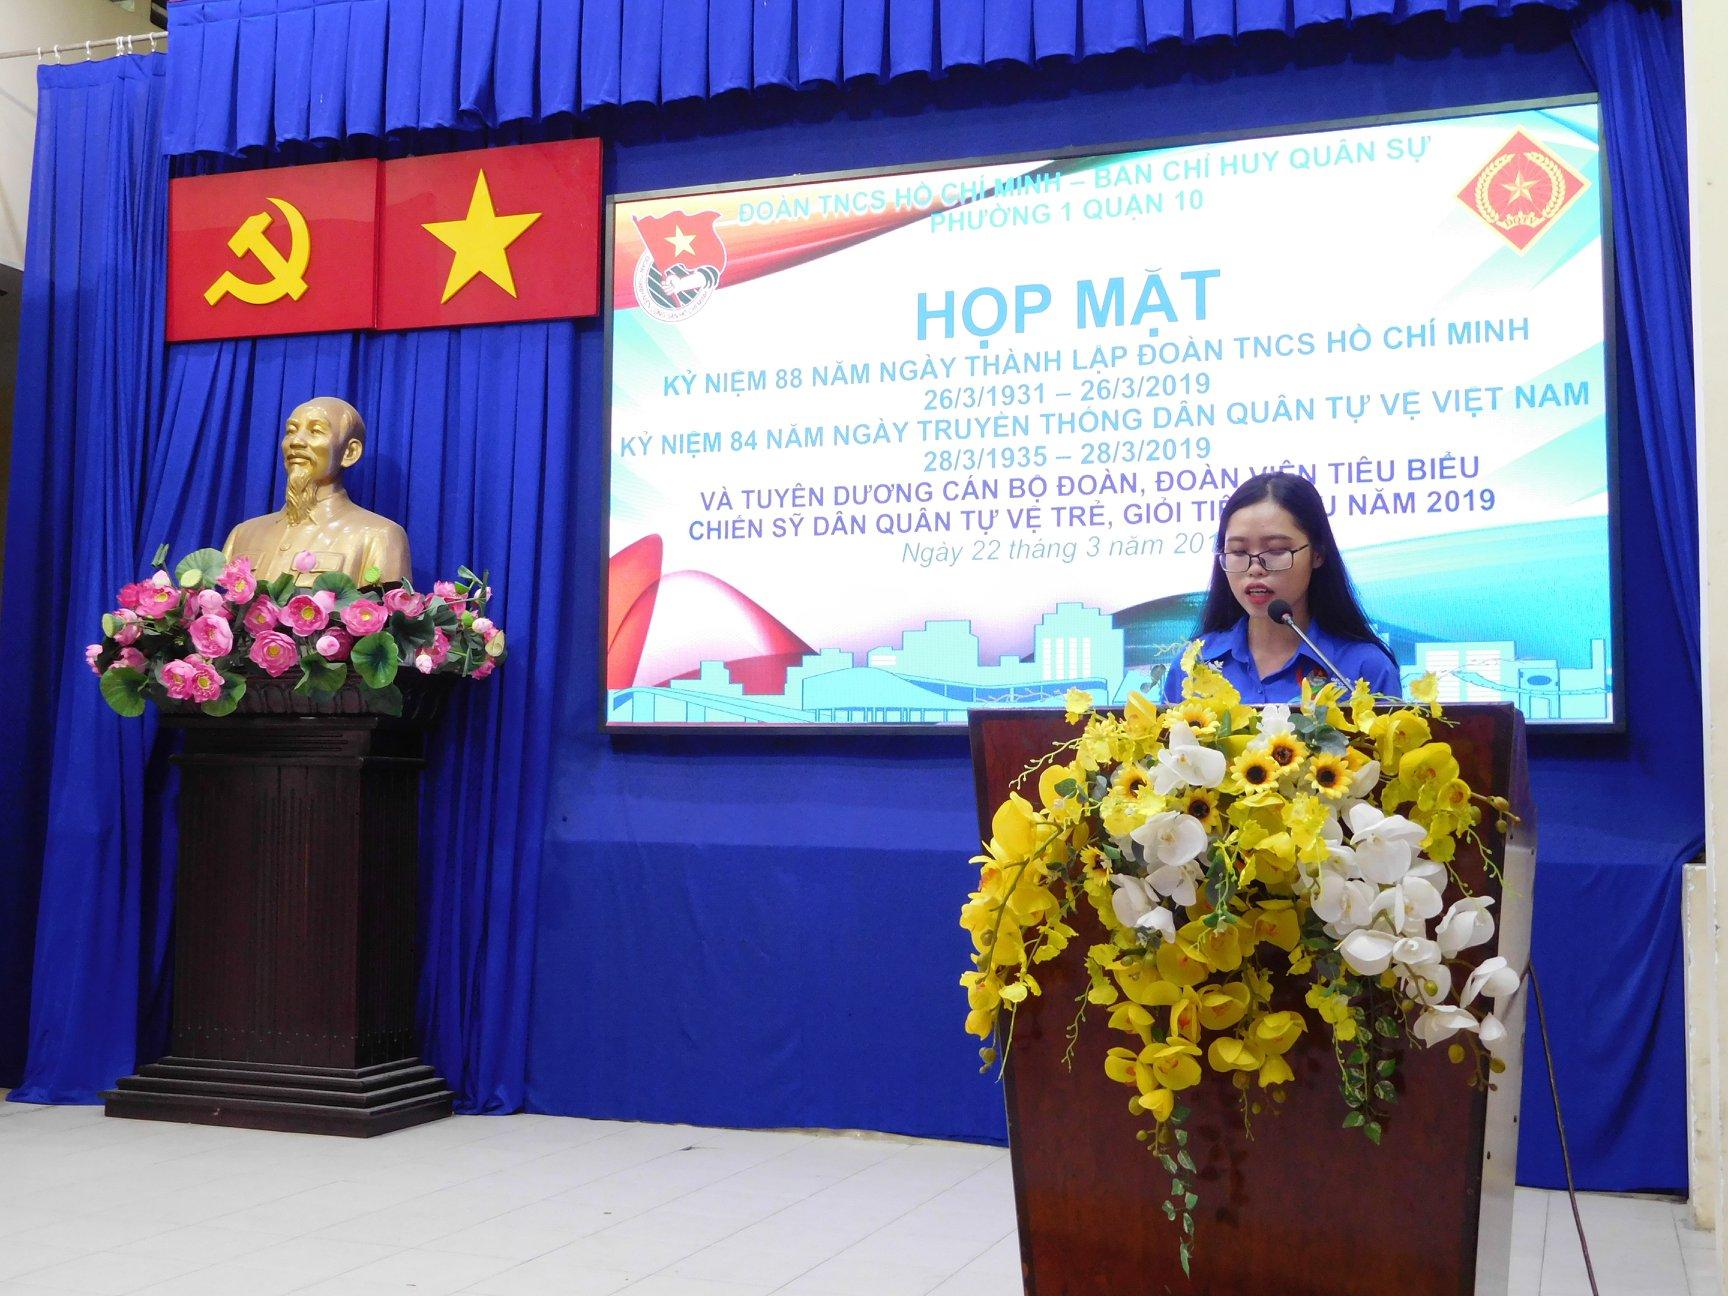 Phường 1 - Chương trình Kỷ niệm 88 năm ngày thành lập Đoàn TNCS Hồ Chí Minh